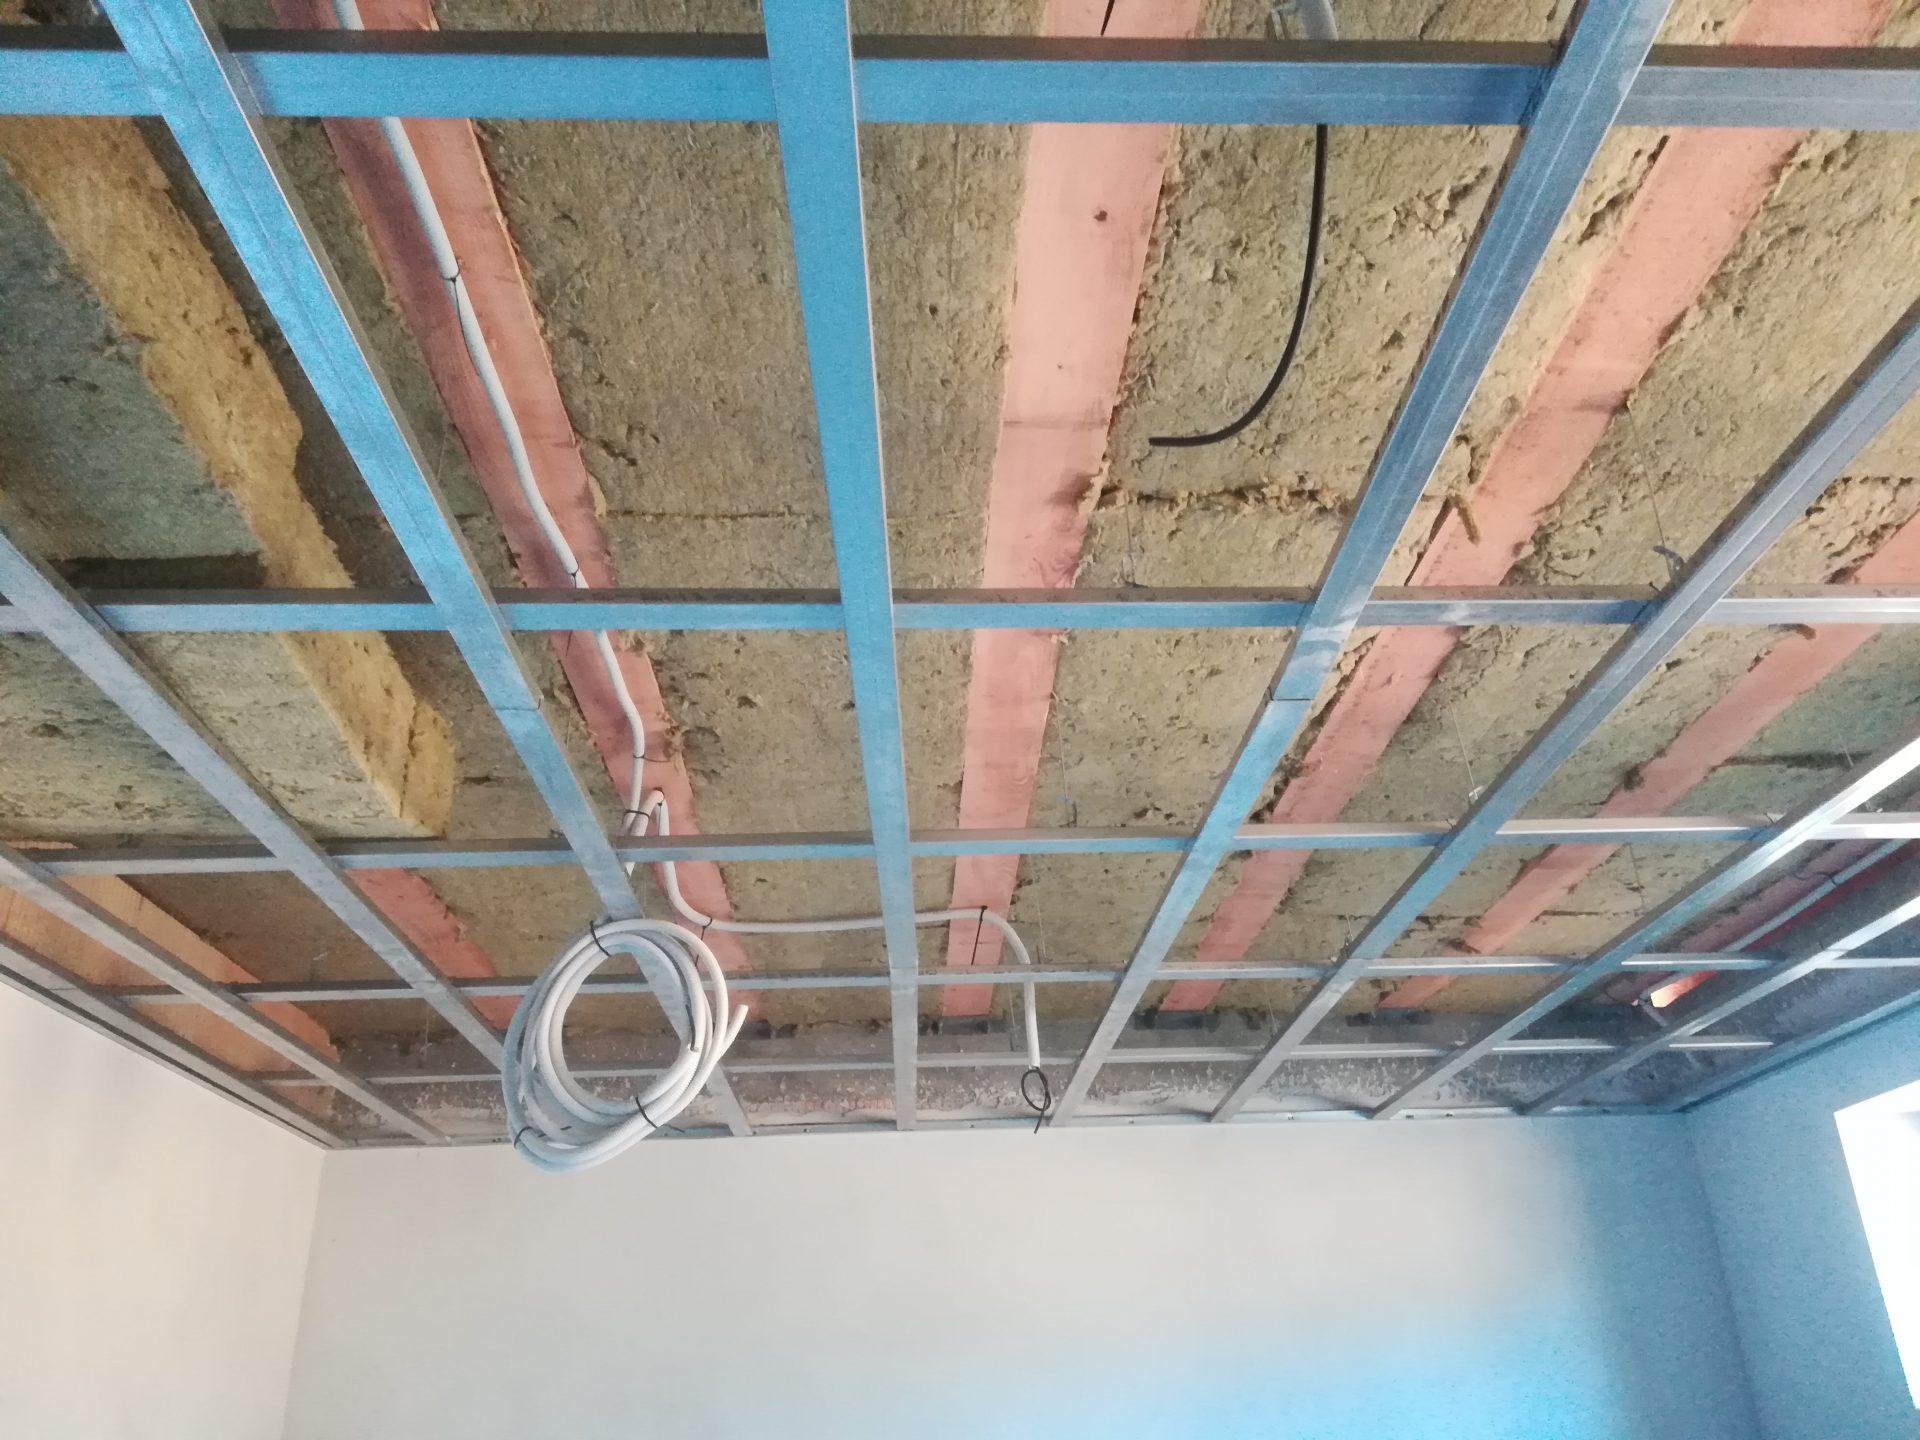 strop-zateplenie-mineralna-vlna-kamenna-vlna-krokvy-rodinny-dom